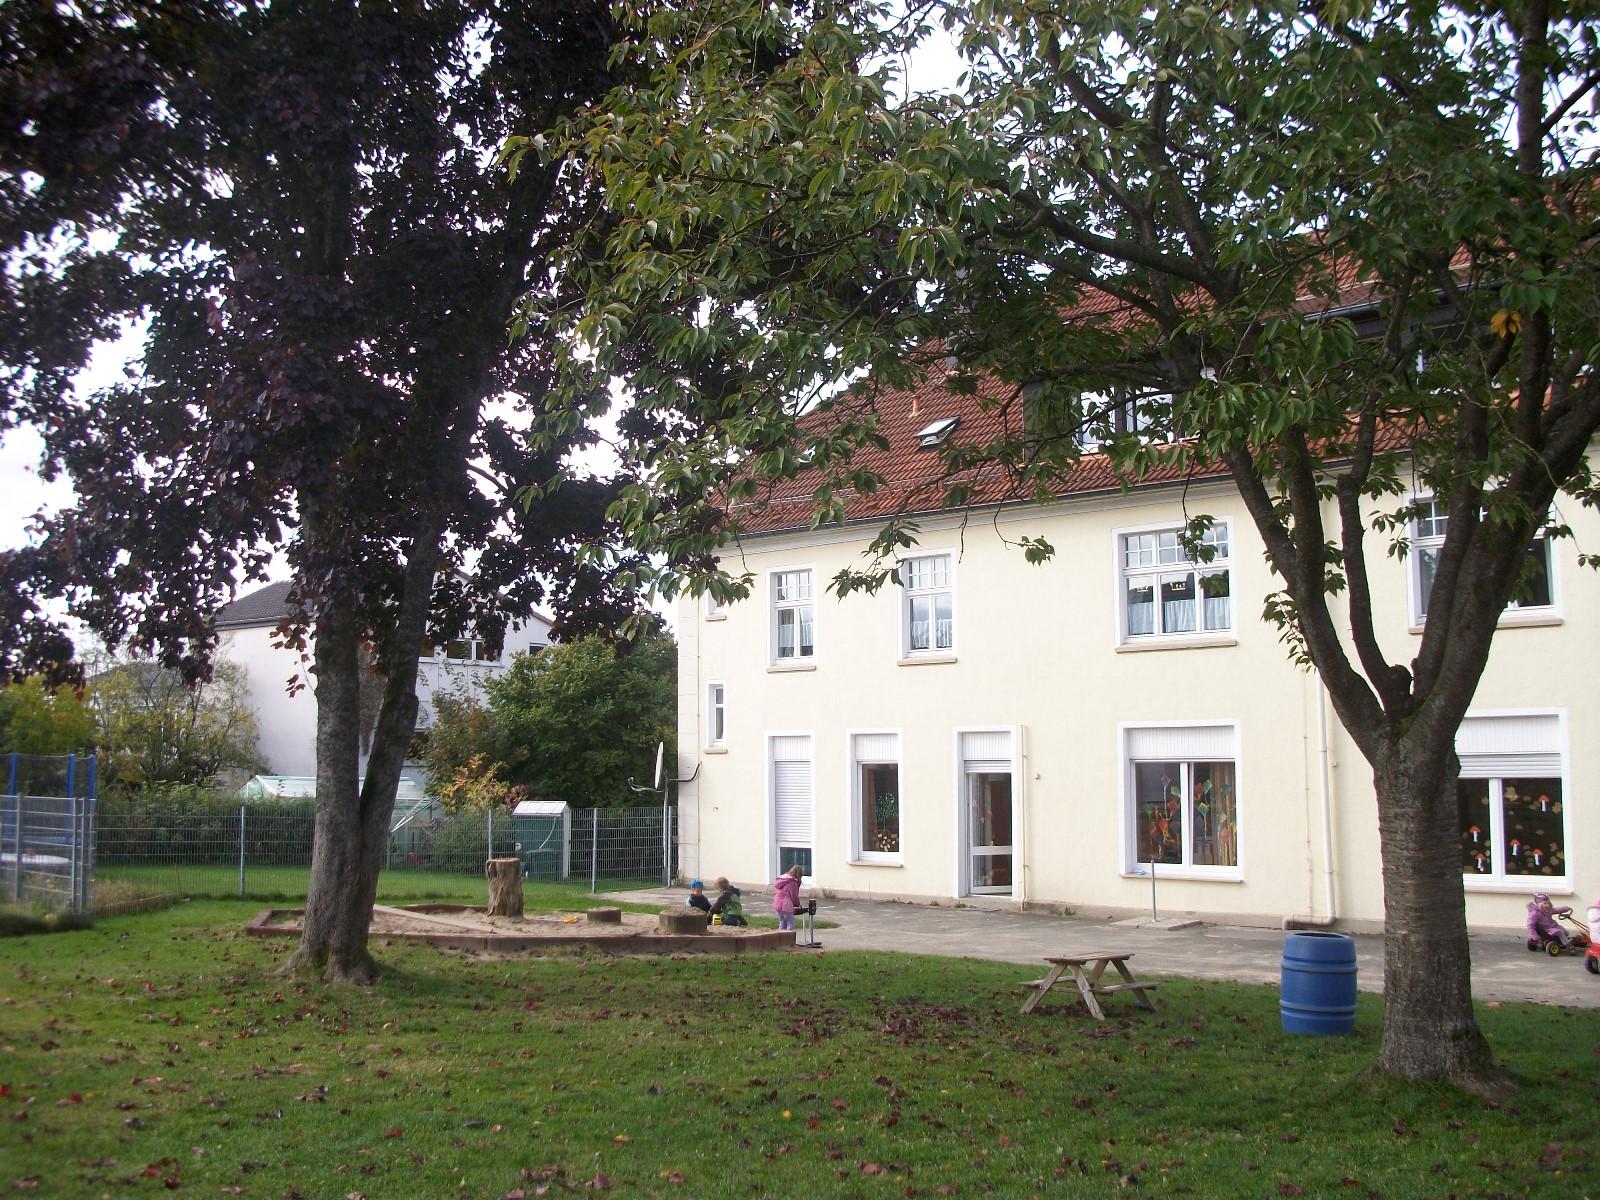 Evangelischer kindergarten abenteuerland einrichtung for Evangelischer kindergarten